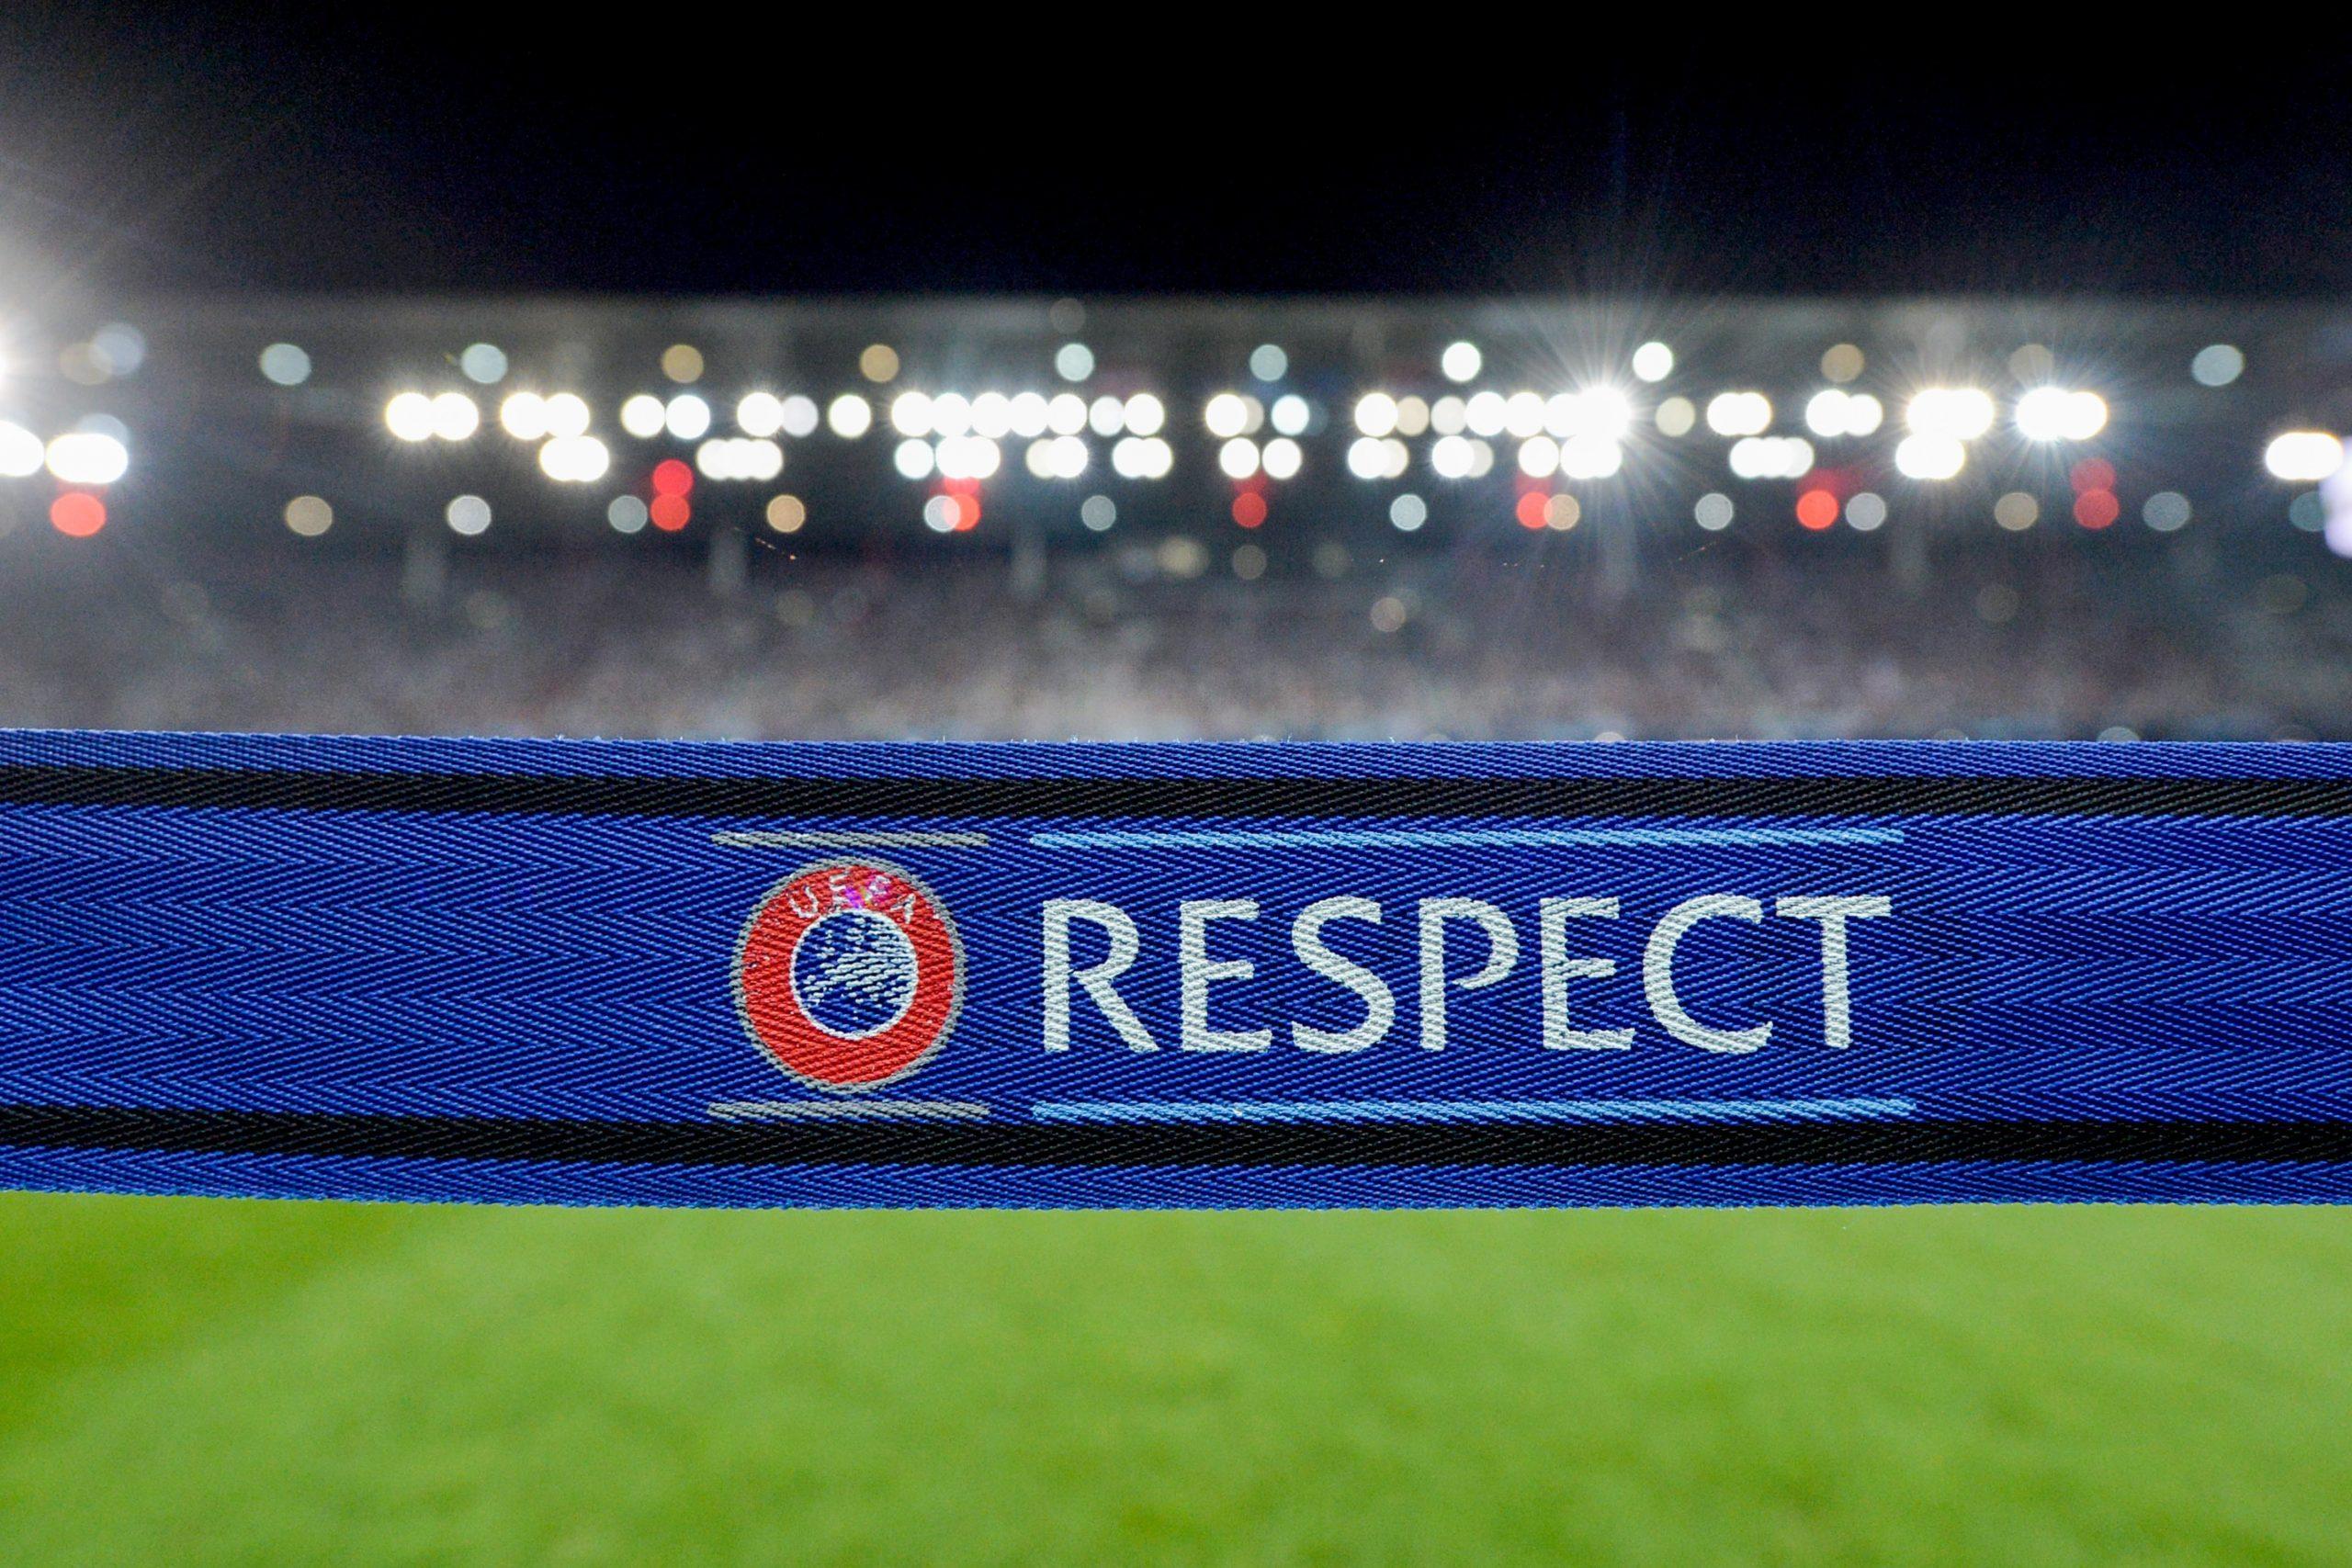 L'UEFA menace de ne pas accepter des clubs dans les compétitions européennes si une Ligue arrête sa saison